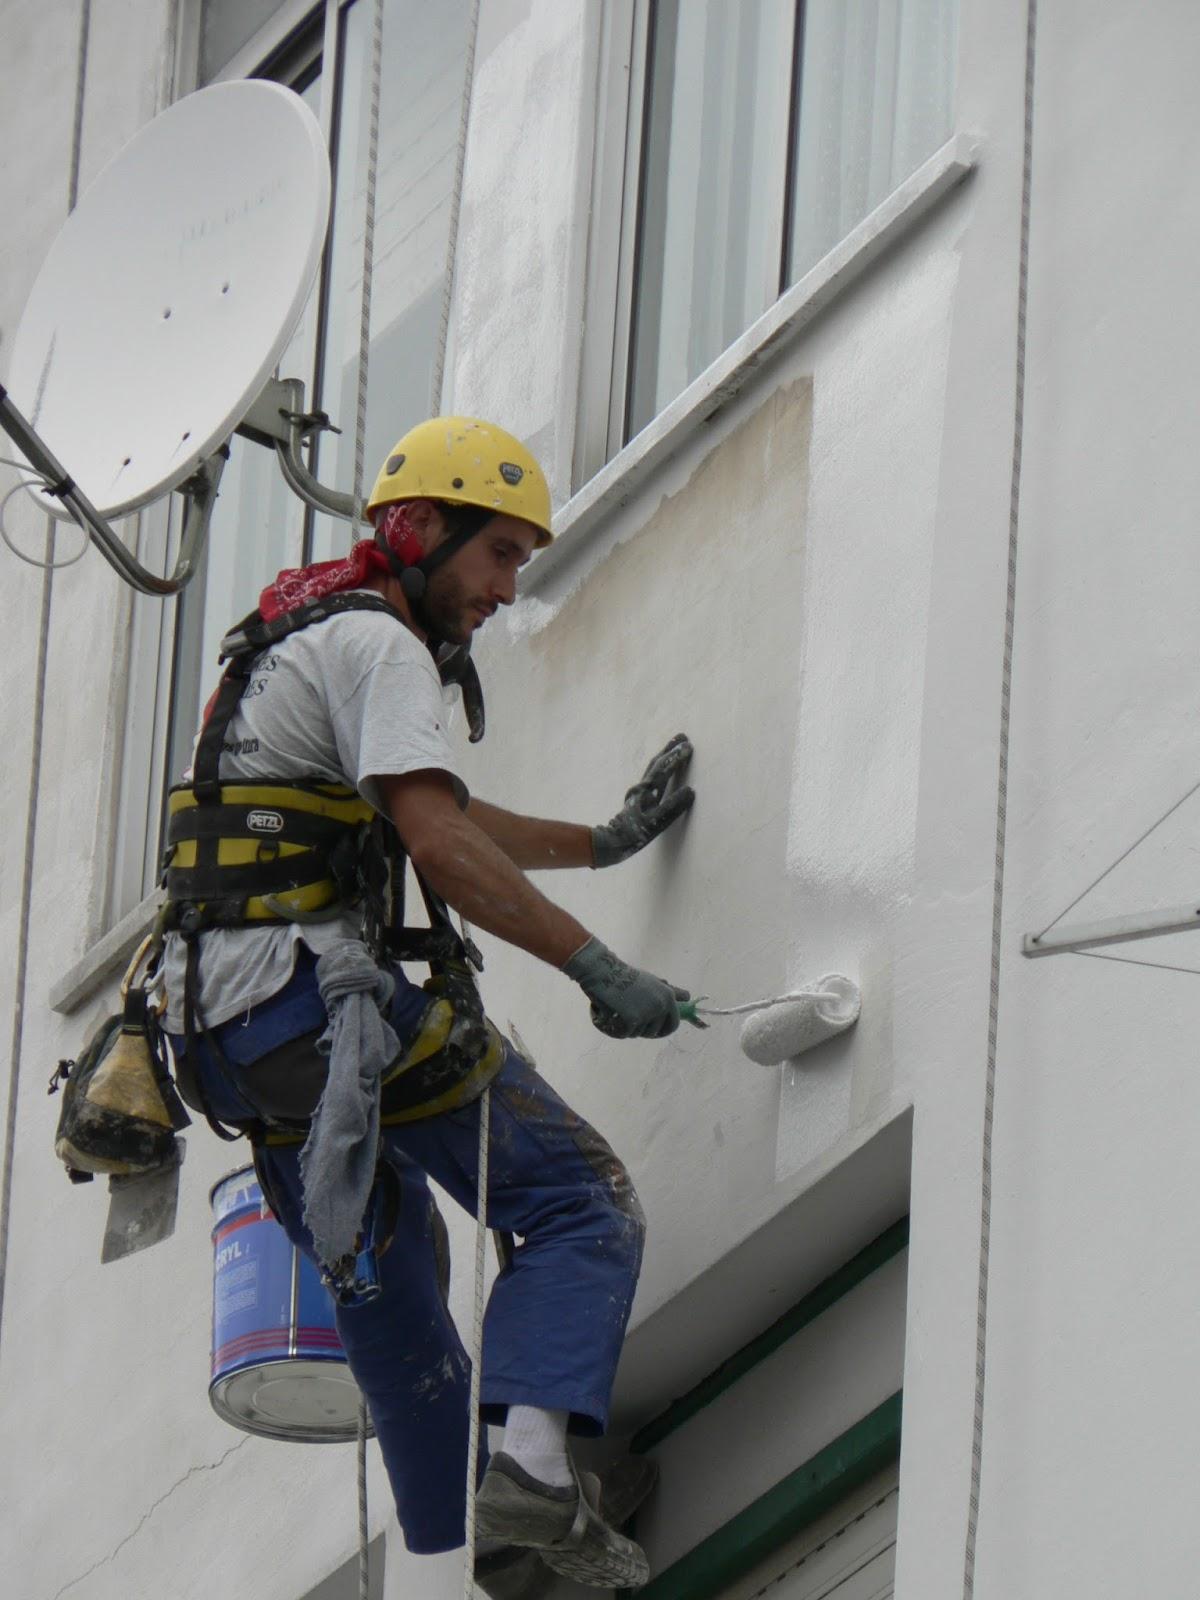 Rehabilitaci n de edificios aplicaciones celeste trabajos verticales fachadas tejados e - Pintado de fachadas ...